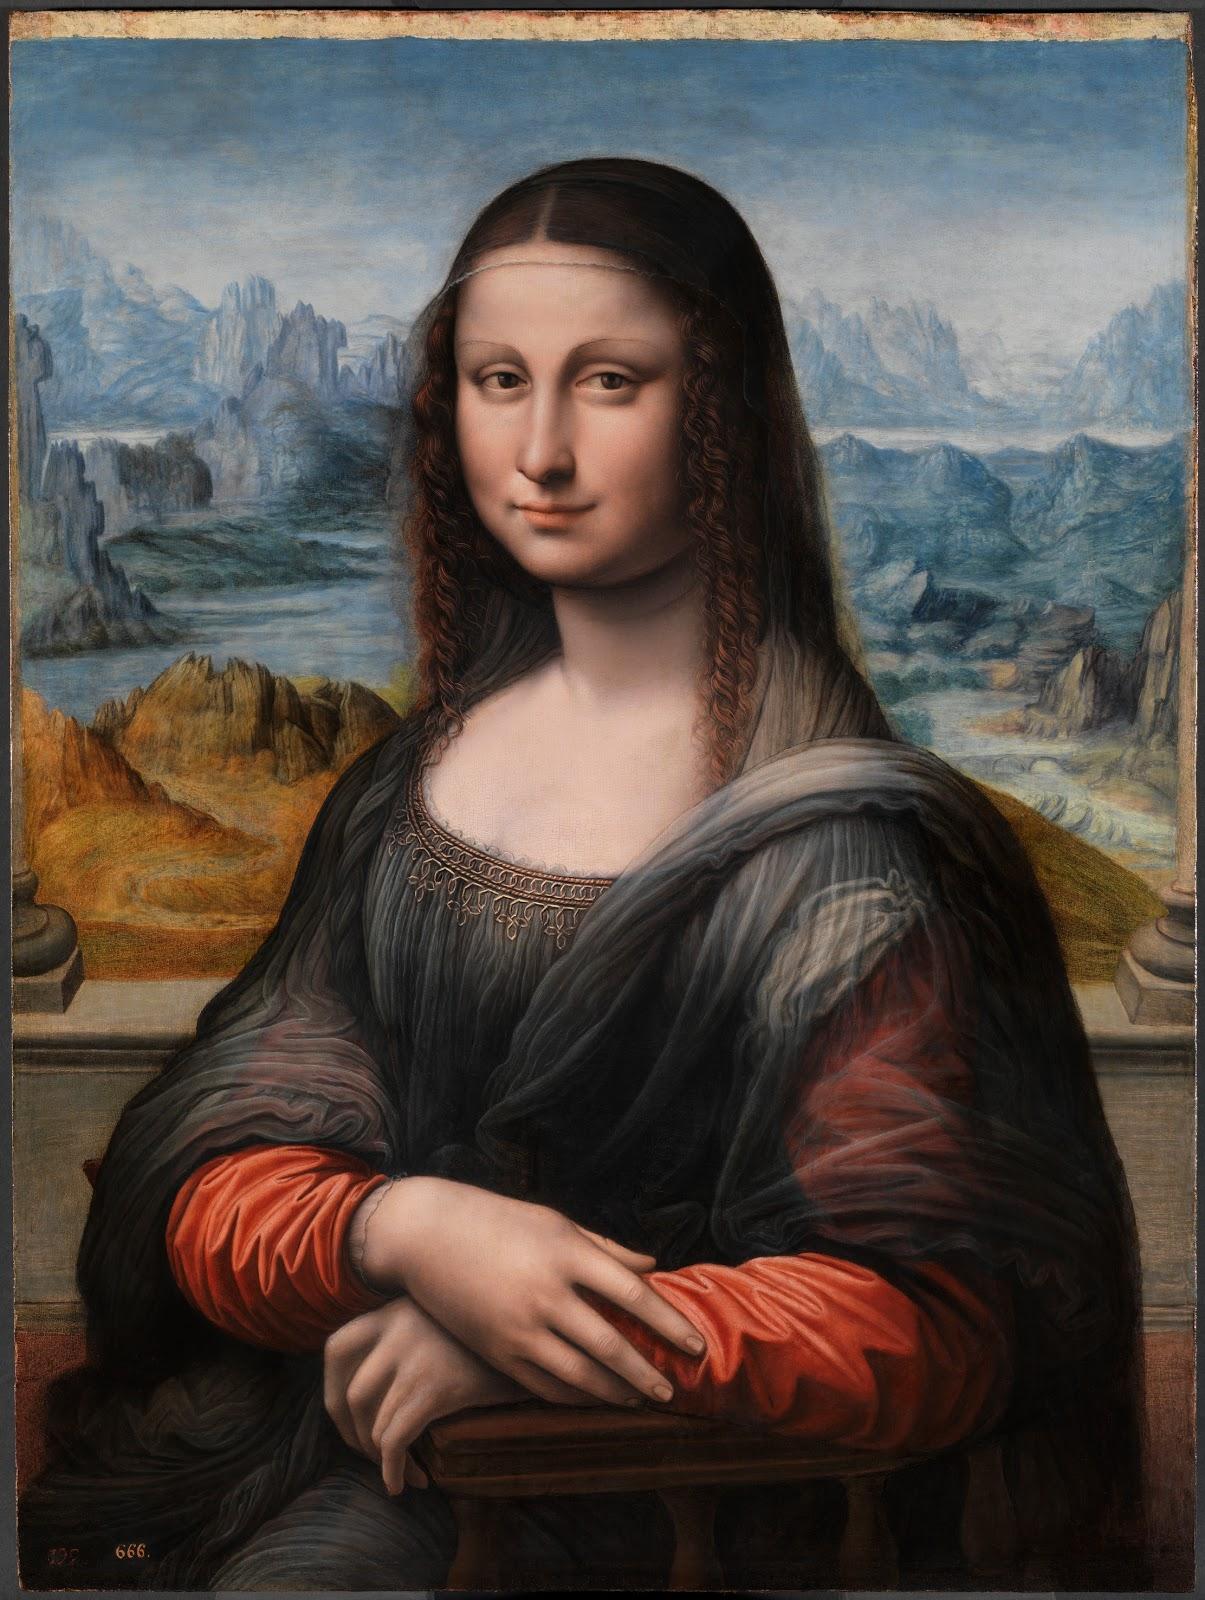 レオナルド・ダ・ヴィンチの弟子が描いたモナリザ